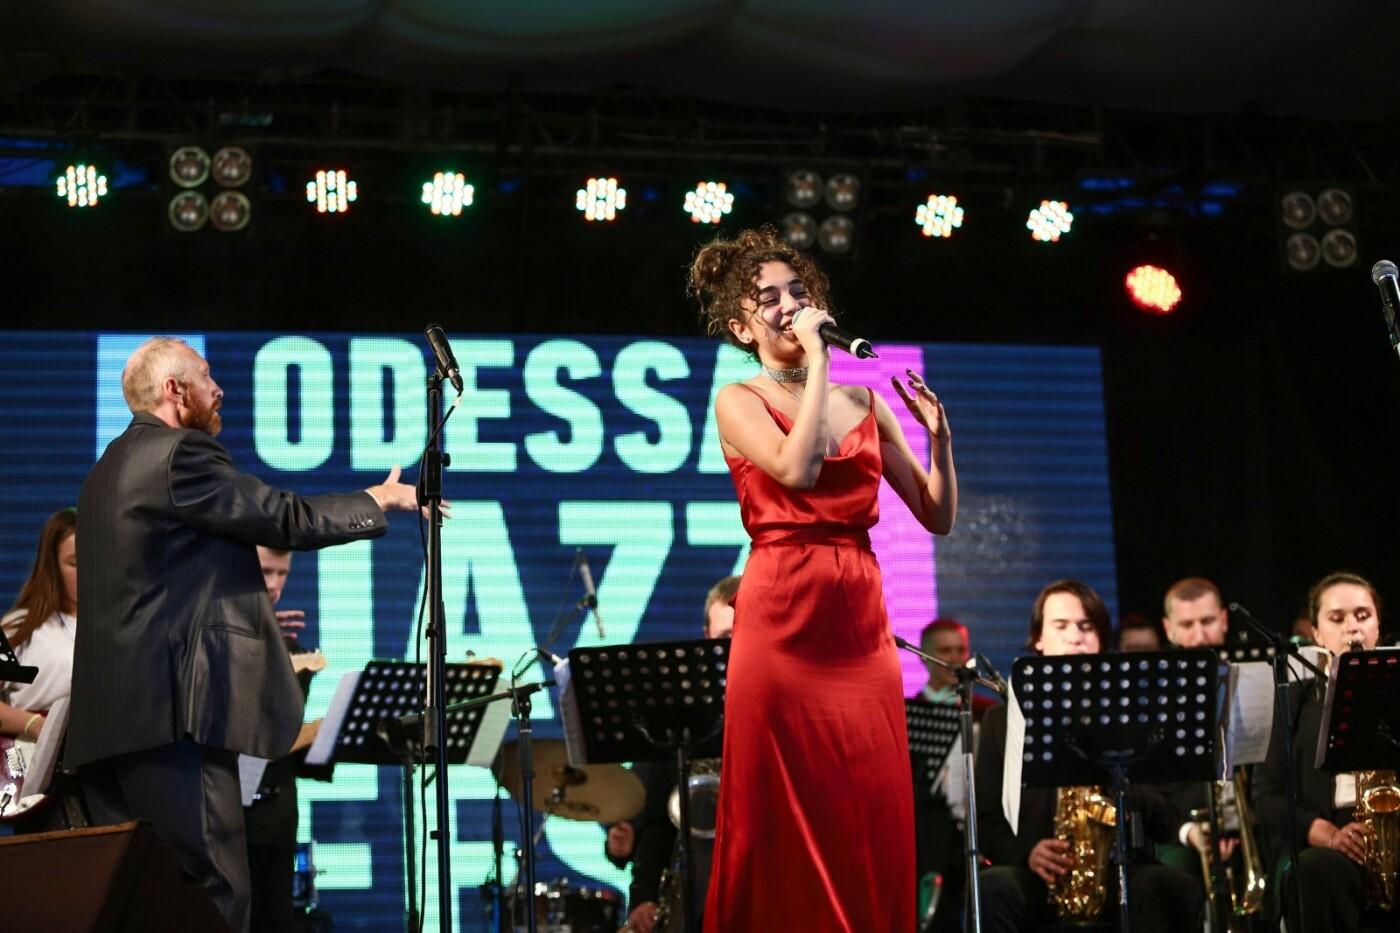 В Одессе прошел джазовый фестиваль под открытым небом, - ФОТО, фото-4